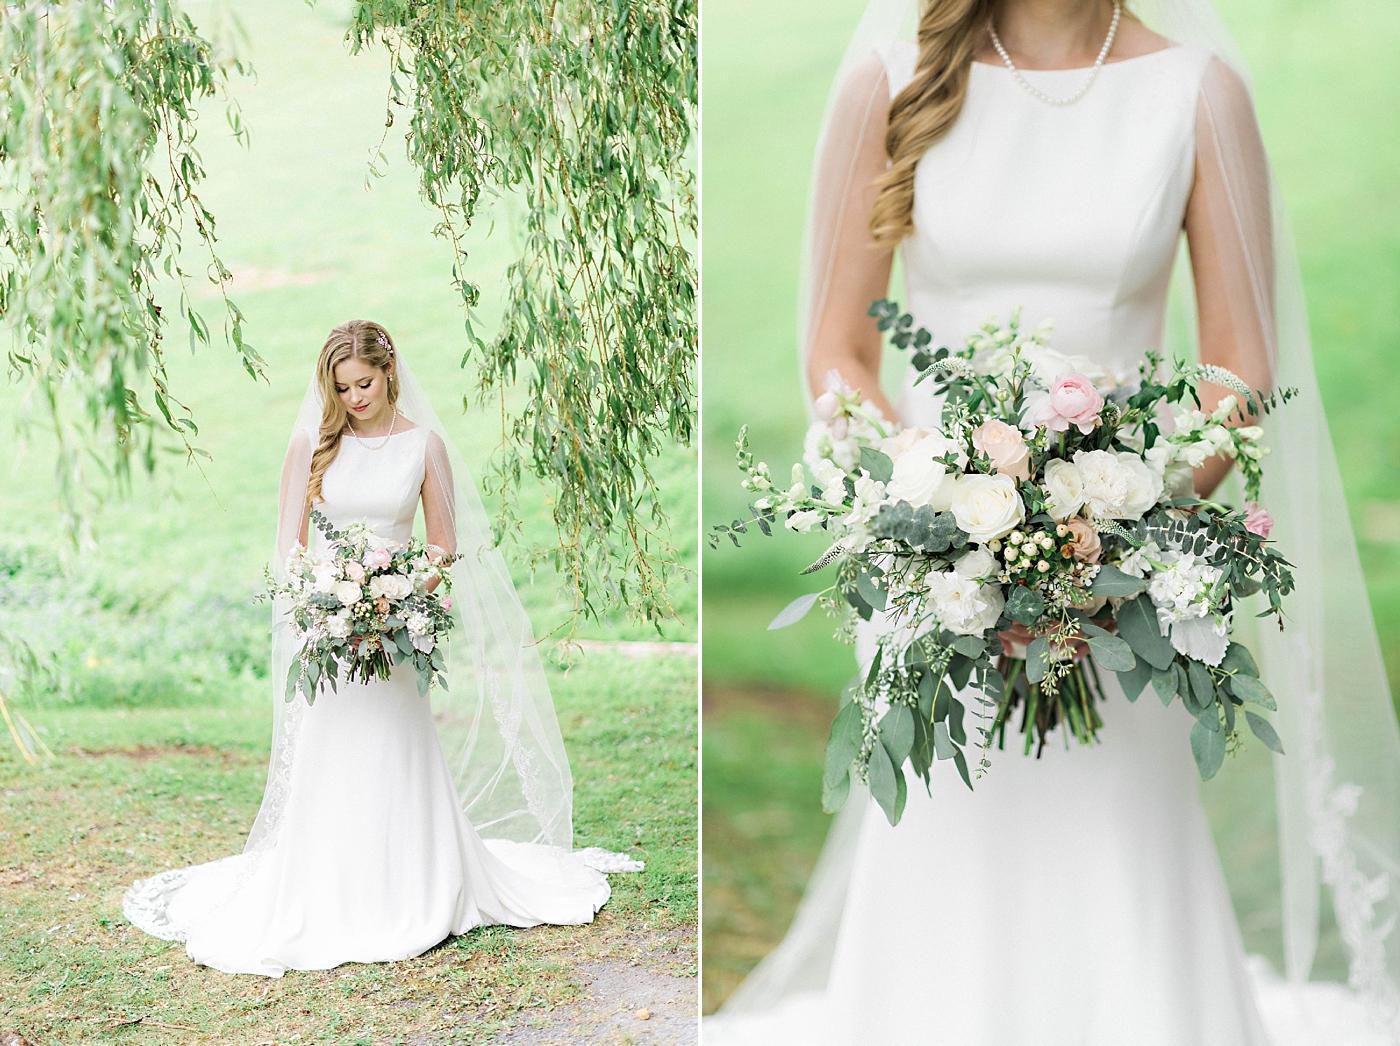 Halifax-Wedding-Photographer-New Brunswick Wedding- Nicolle & Ethan26.jpeg